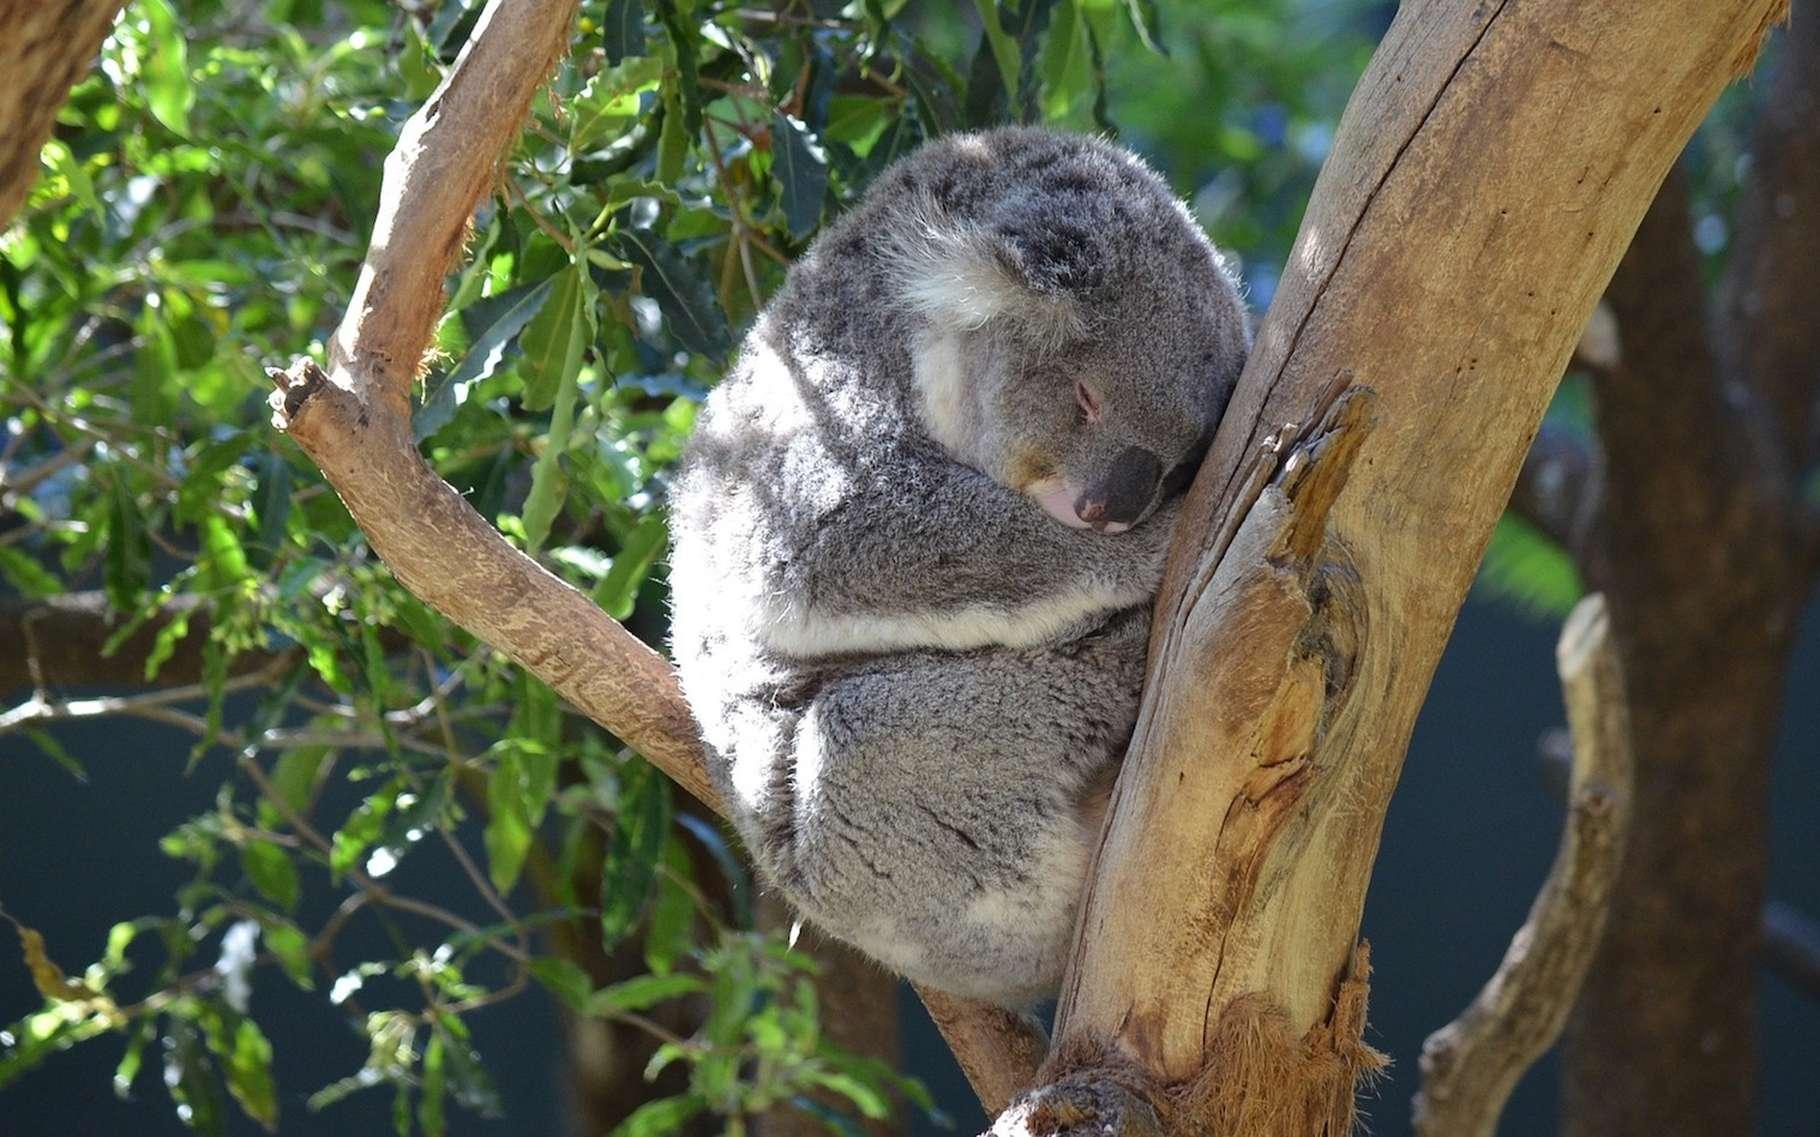 Le koala est l'animal qui dort le plus au monde. Pas moins de 22 heures par jour! © LonewolfAlphaCoders, Pixabay, CC0 Public Domain